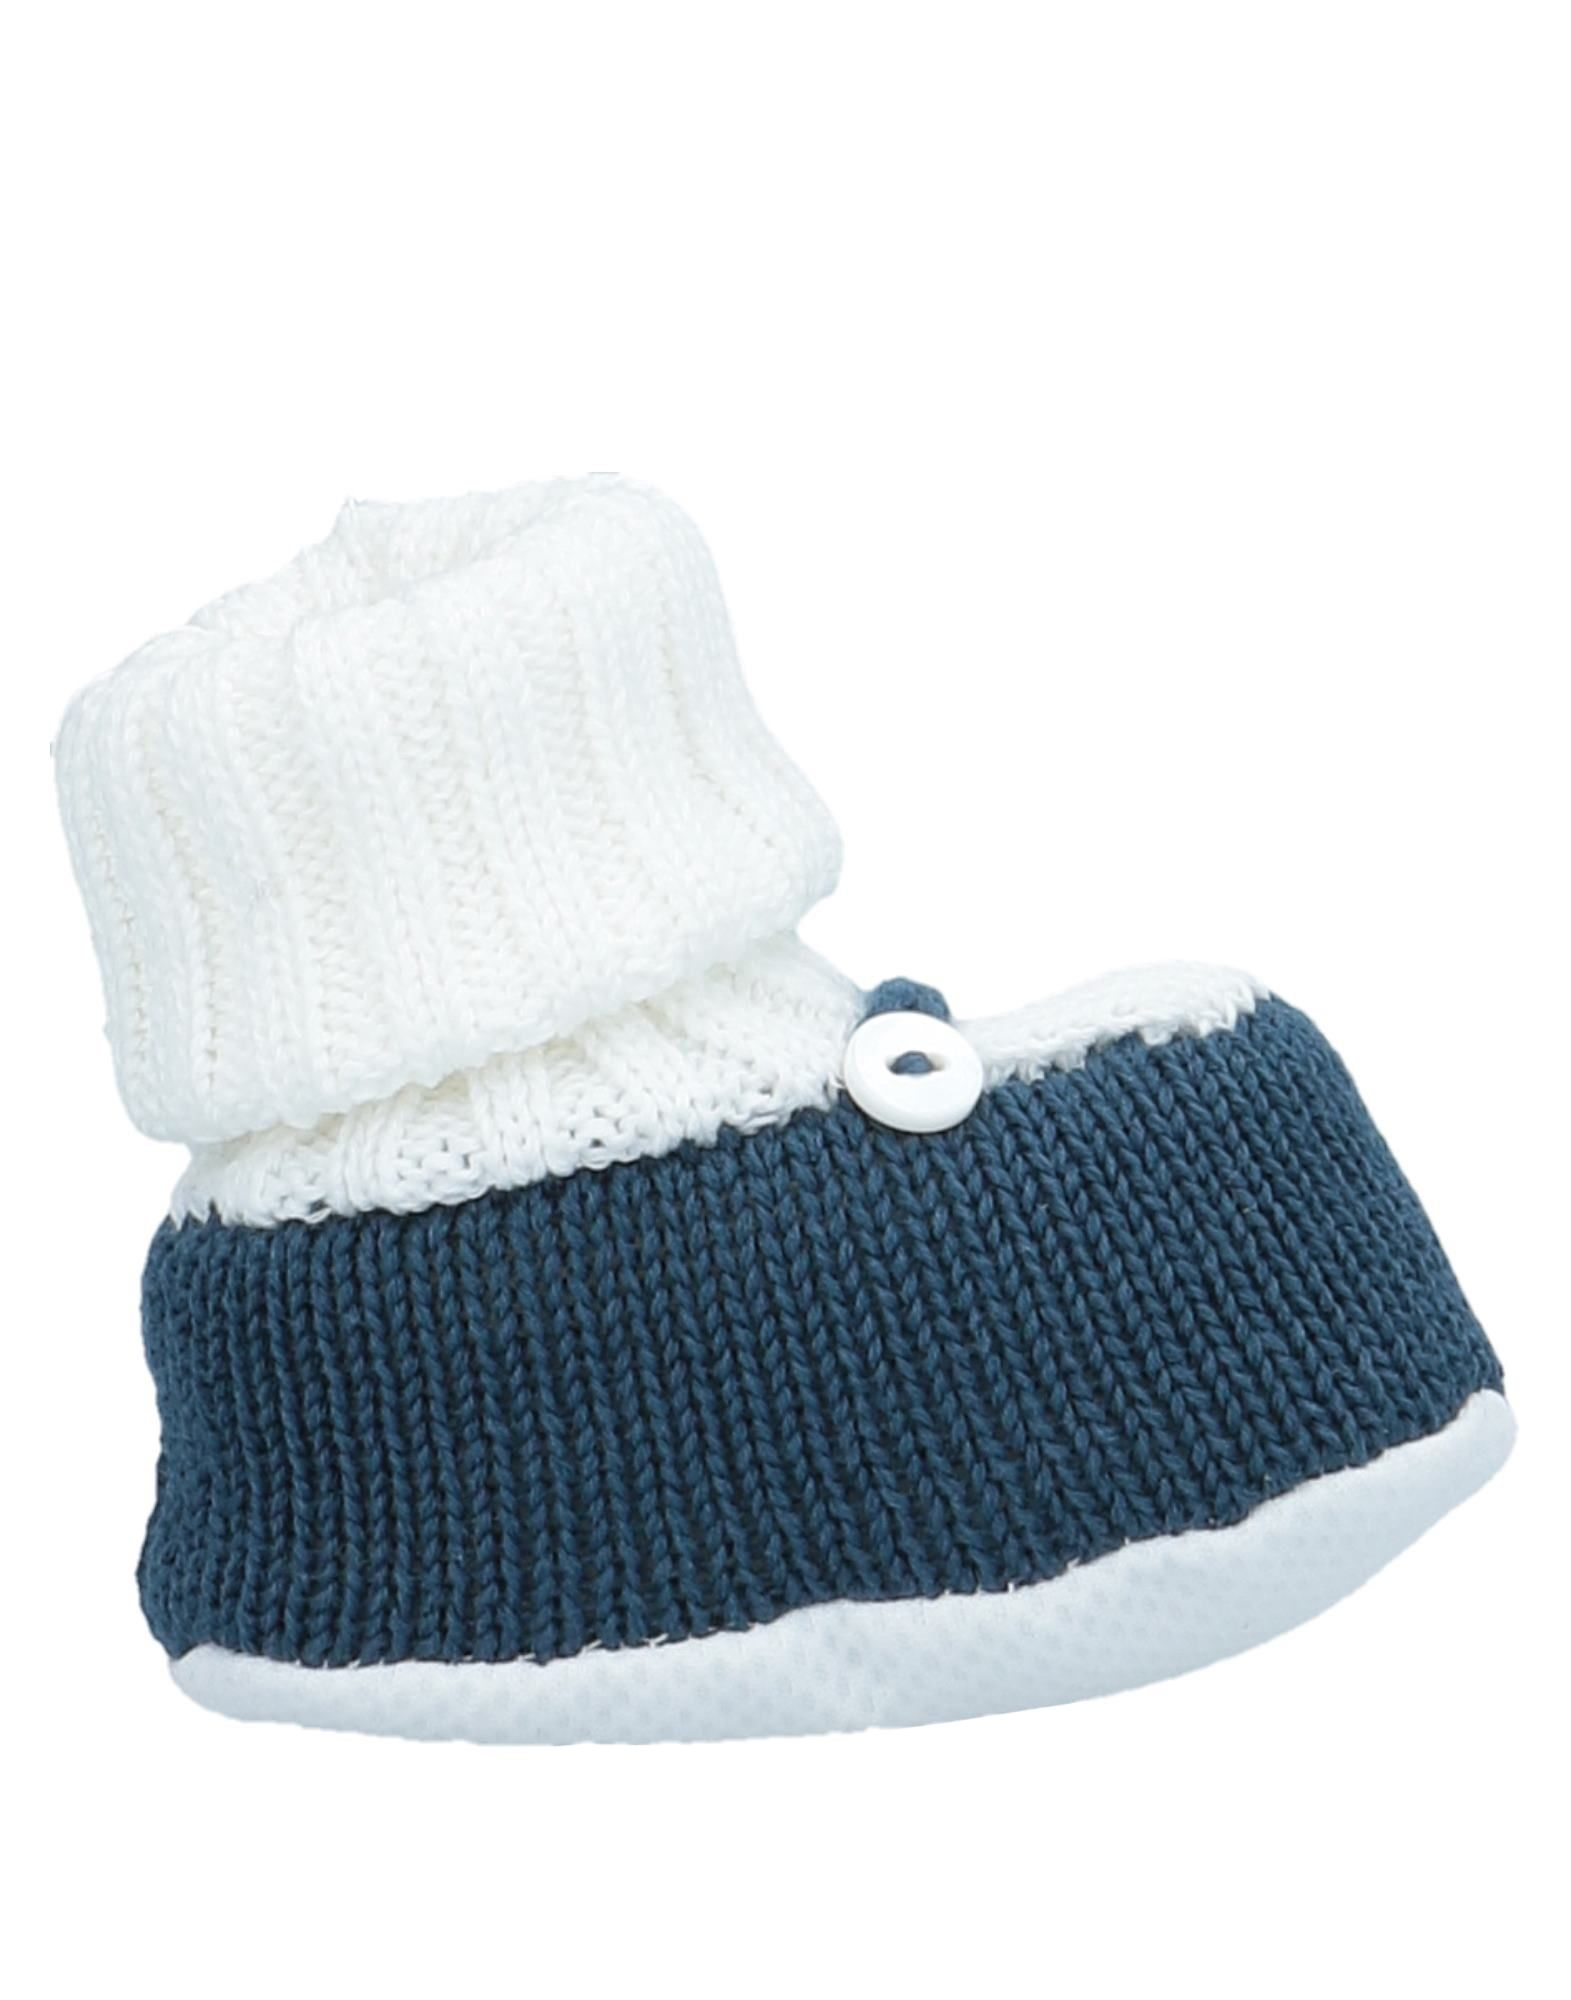 LE NOUVEAU NE' Обувь для новорожденных обувь для детей